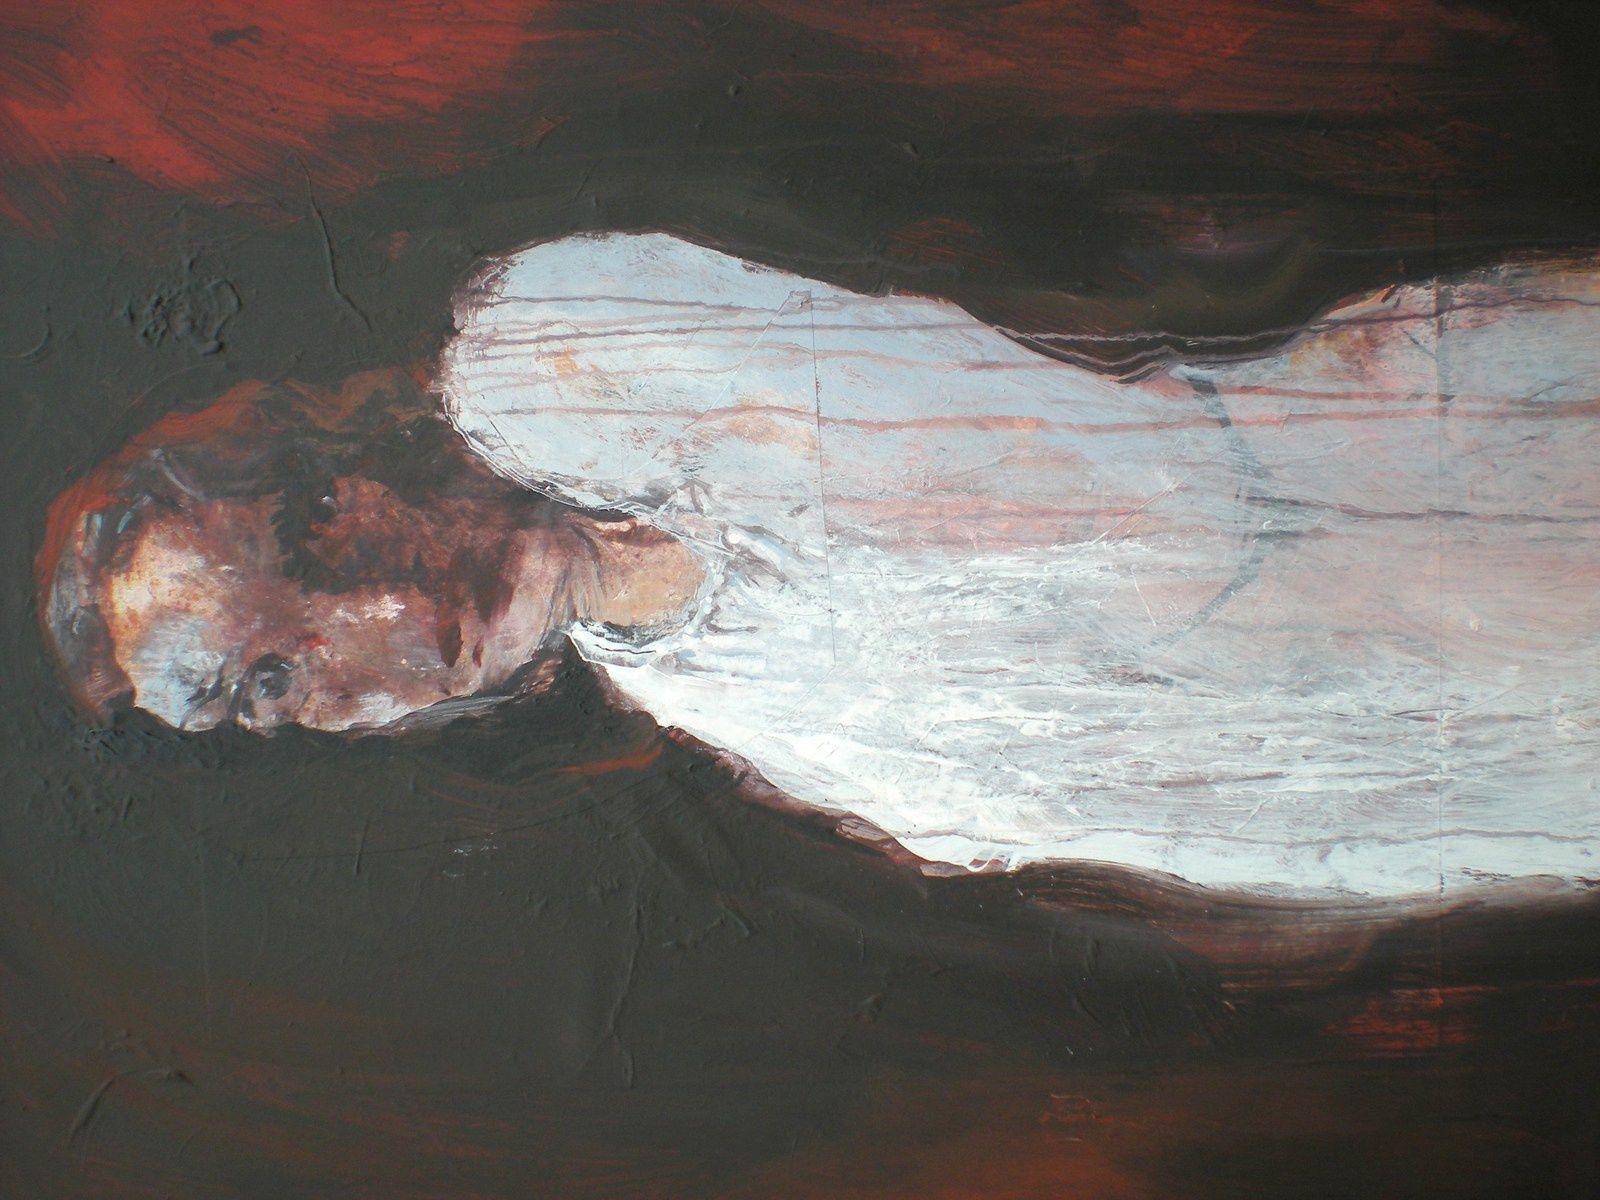 La monomaniaque: 100 x 80. Acry sur toile et marouflages. 2008. Collection privée. Hommage rendu aux regards. Peinture faite en hommage aux portraits peints par Géricault. L'artiste  a réalisé une série de  portraits à la Pitié –Salpétrière.  Peintures tragiques de ces « fous « qu'on nommait à l'époque « monomaniaques ».